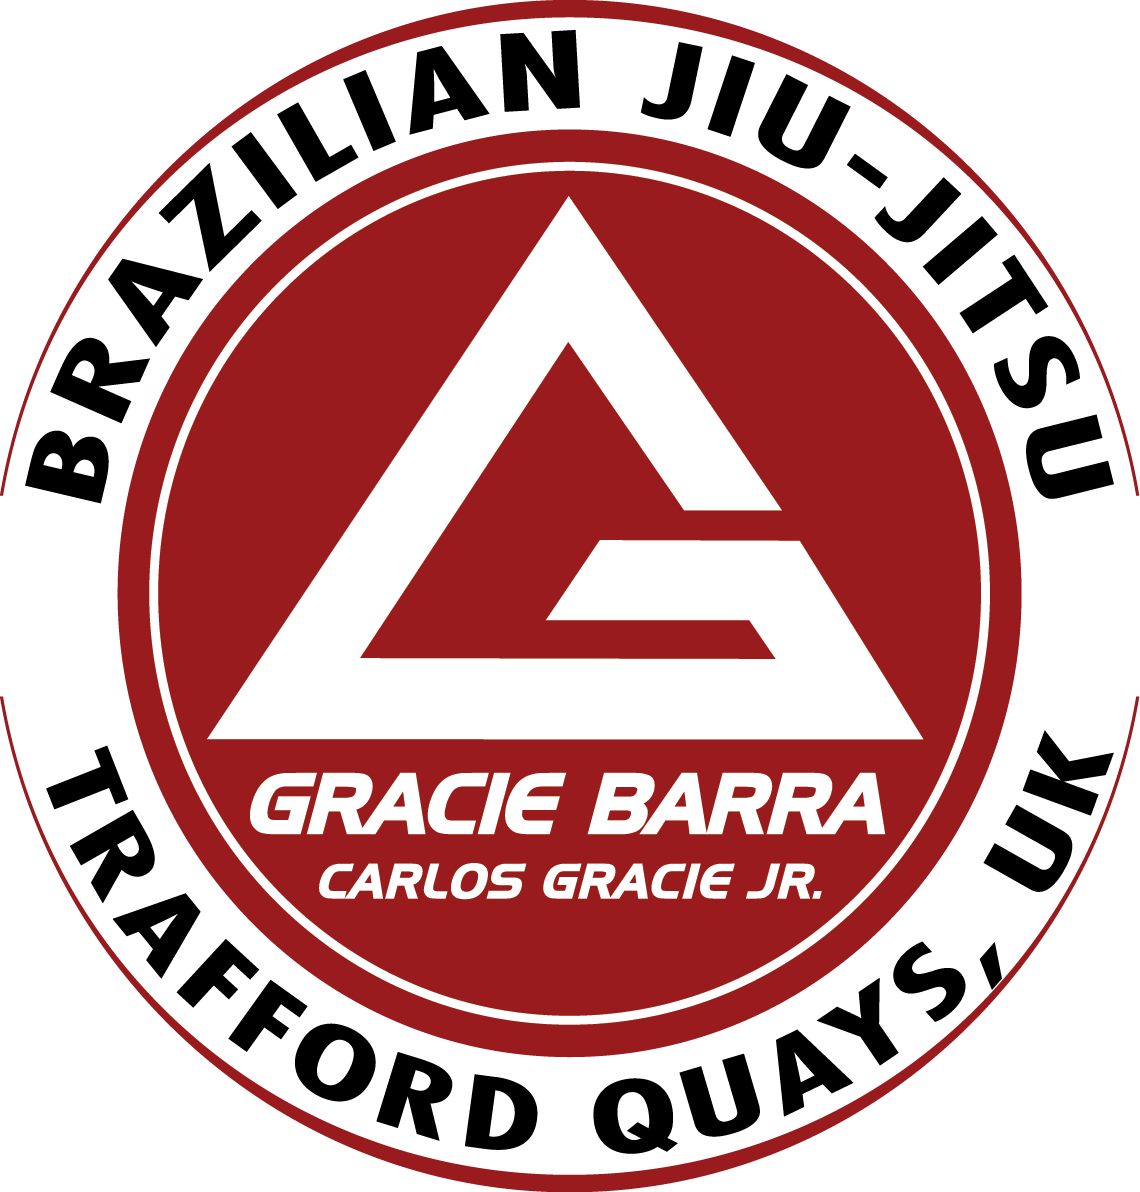 Gracie Barra Trafford Quays - Martial Arts Classes in Eccles